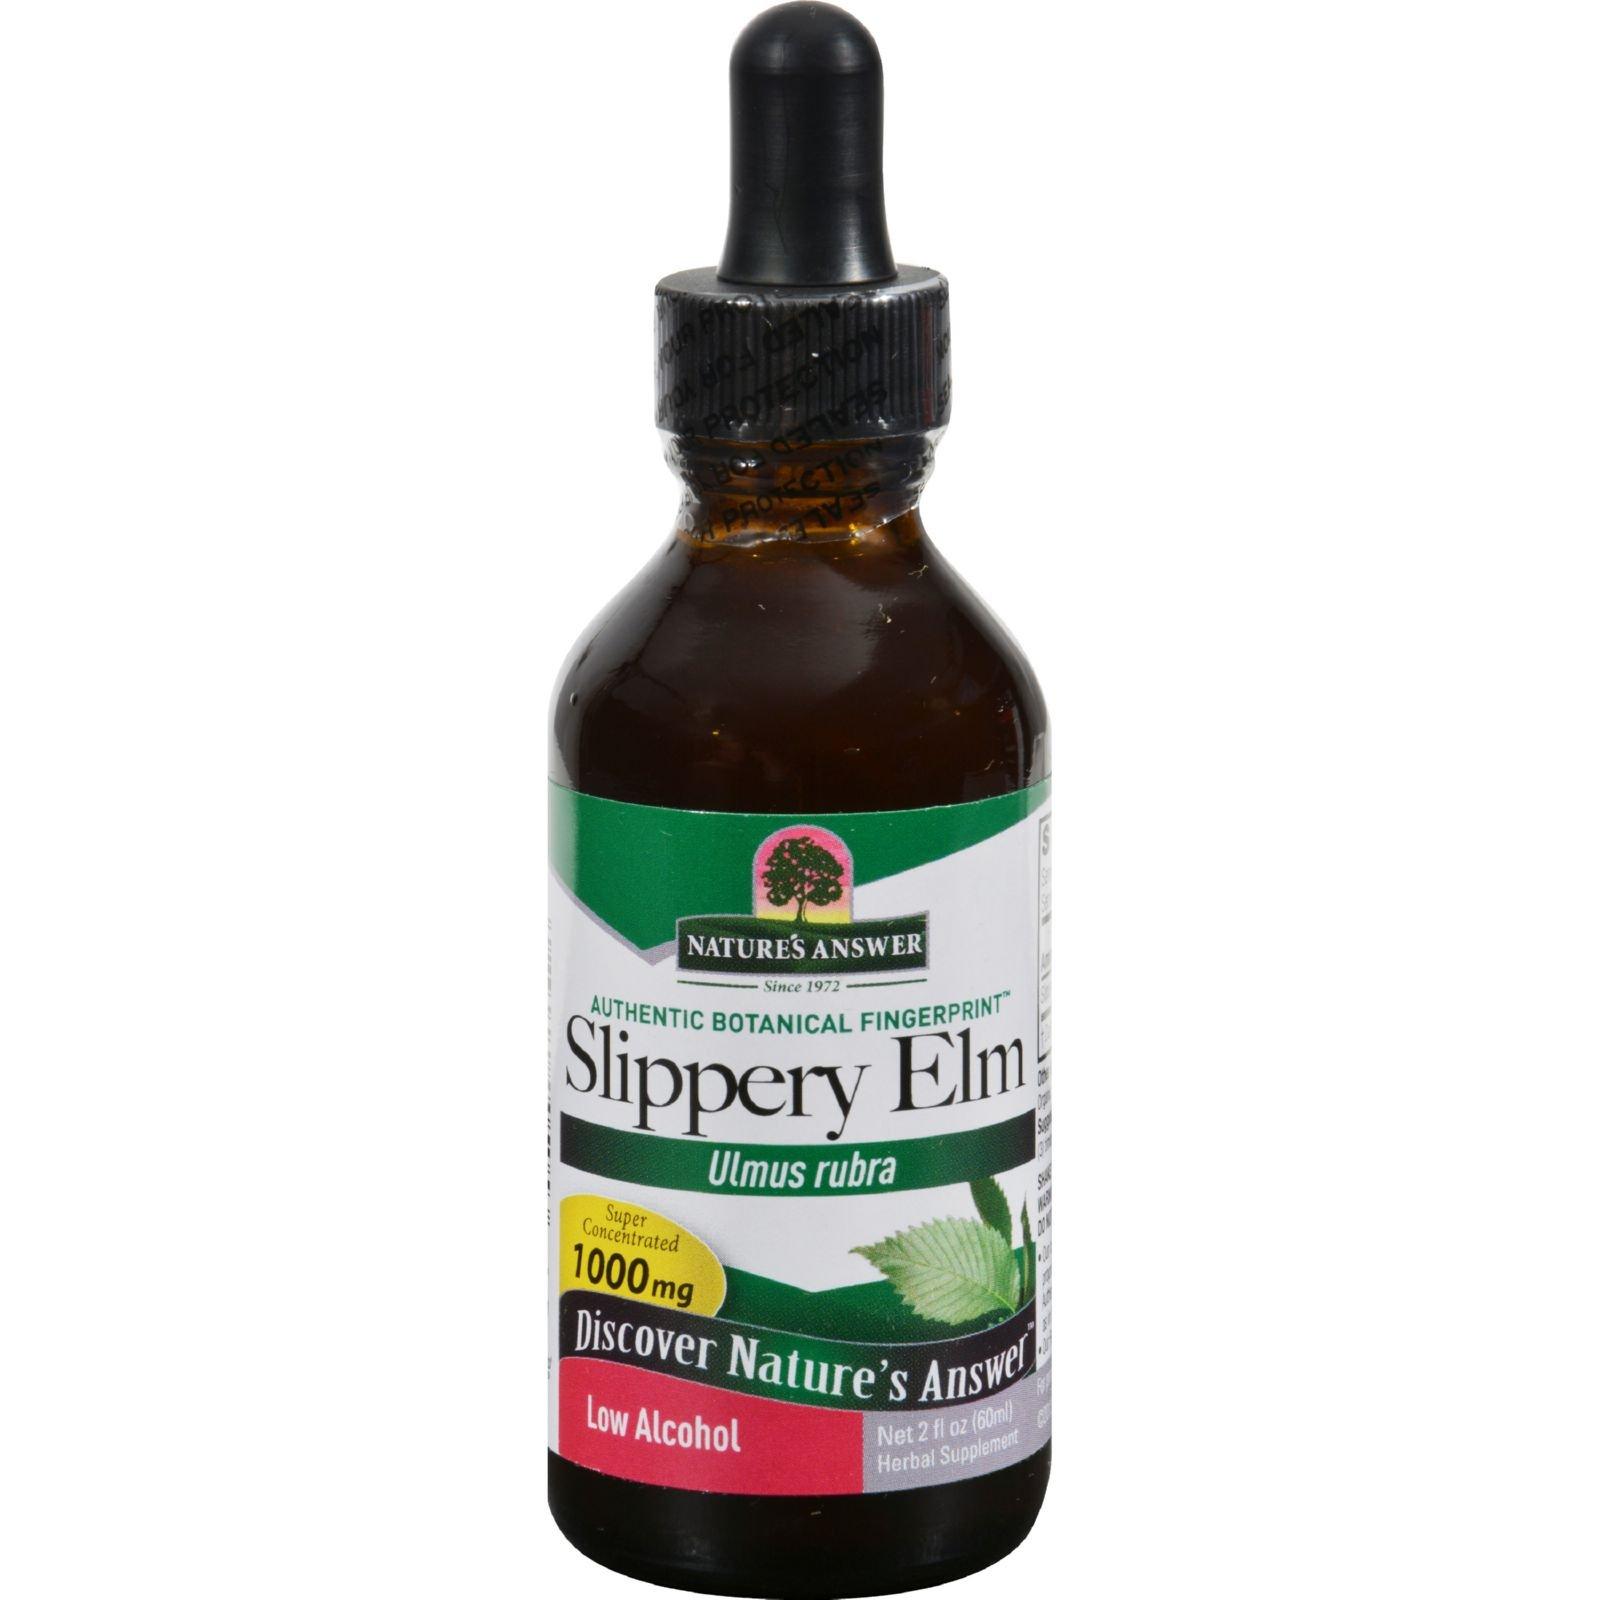 Nature's Answer - Slippery Elm Inner Bark, 1000mg, 2 fl oz liquid